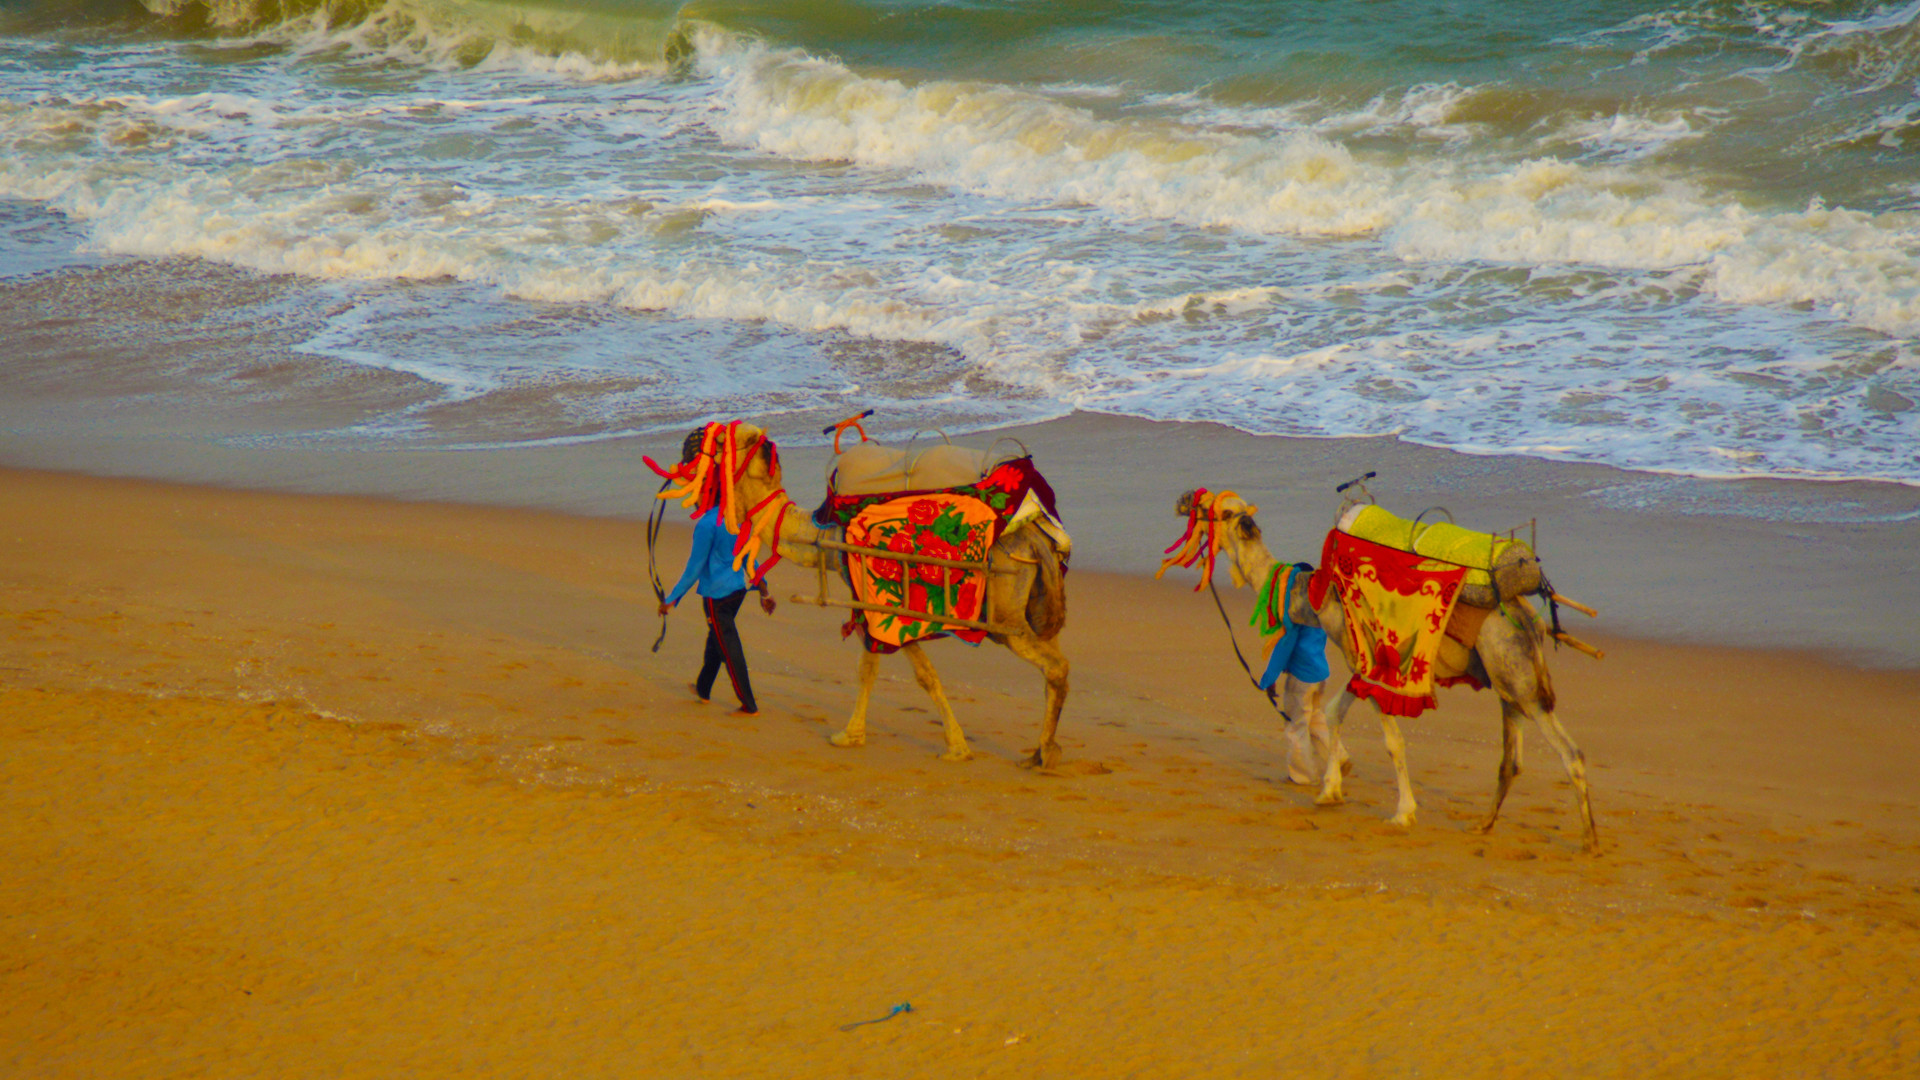 Puri_Beach_Festival_Attractions_5